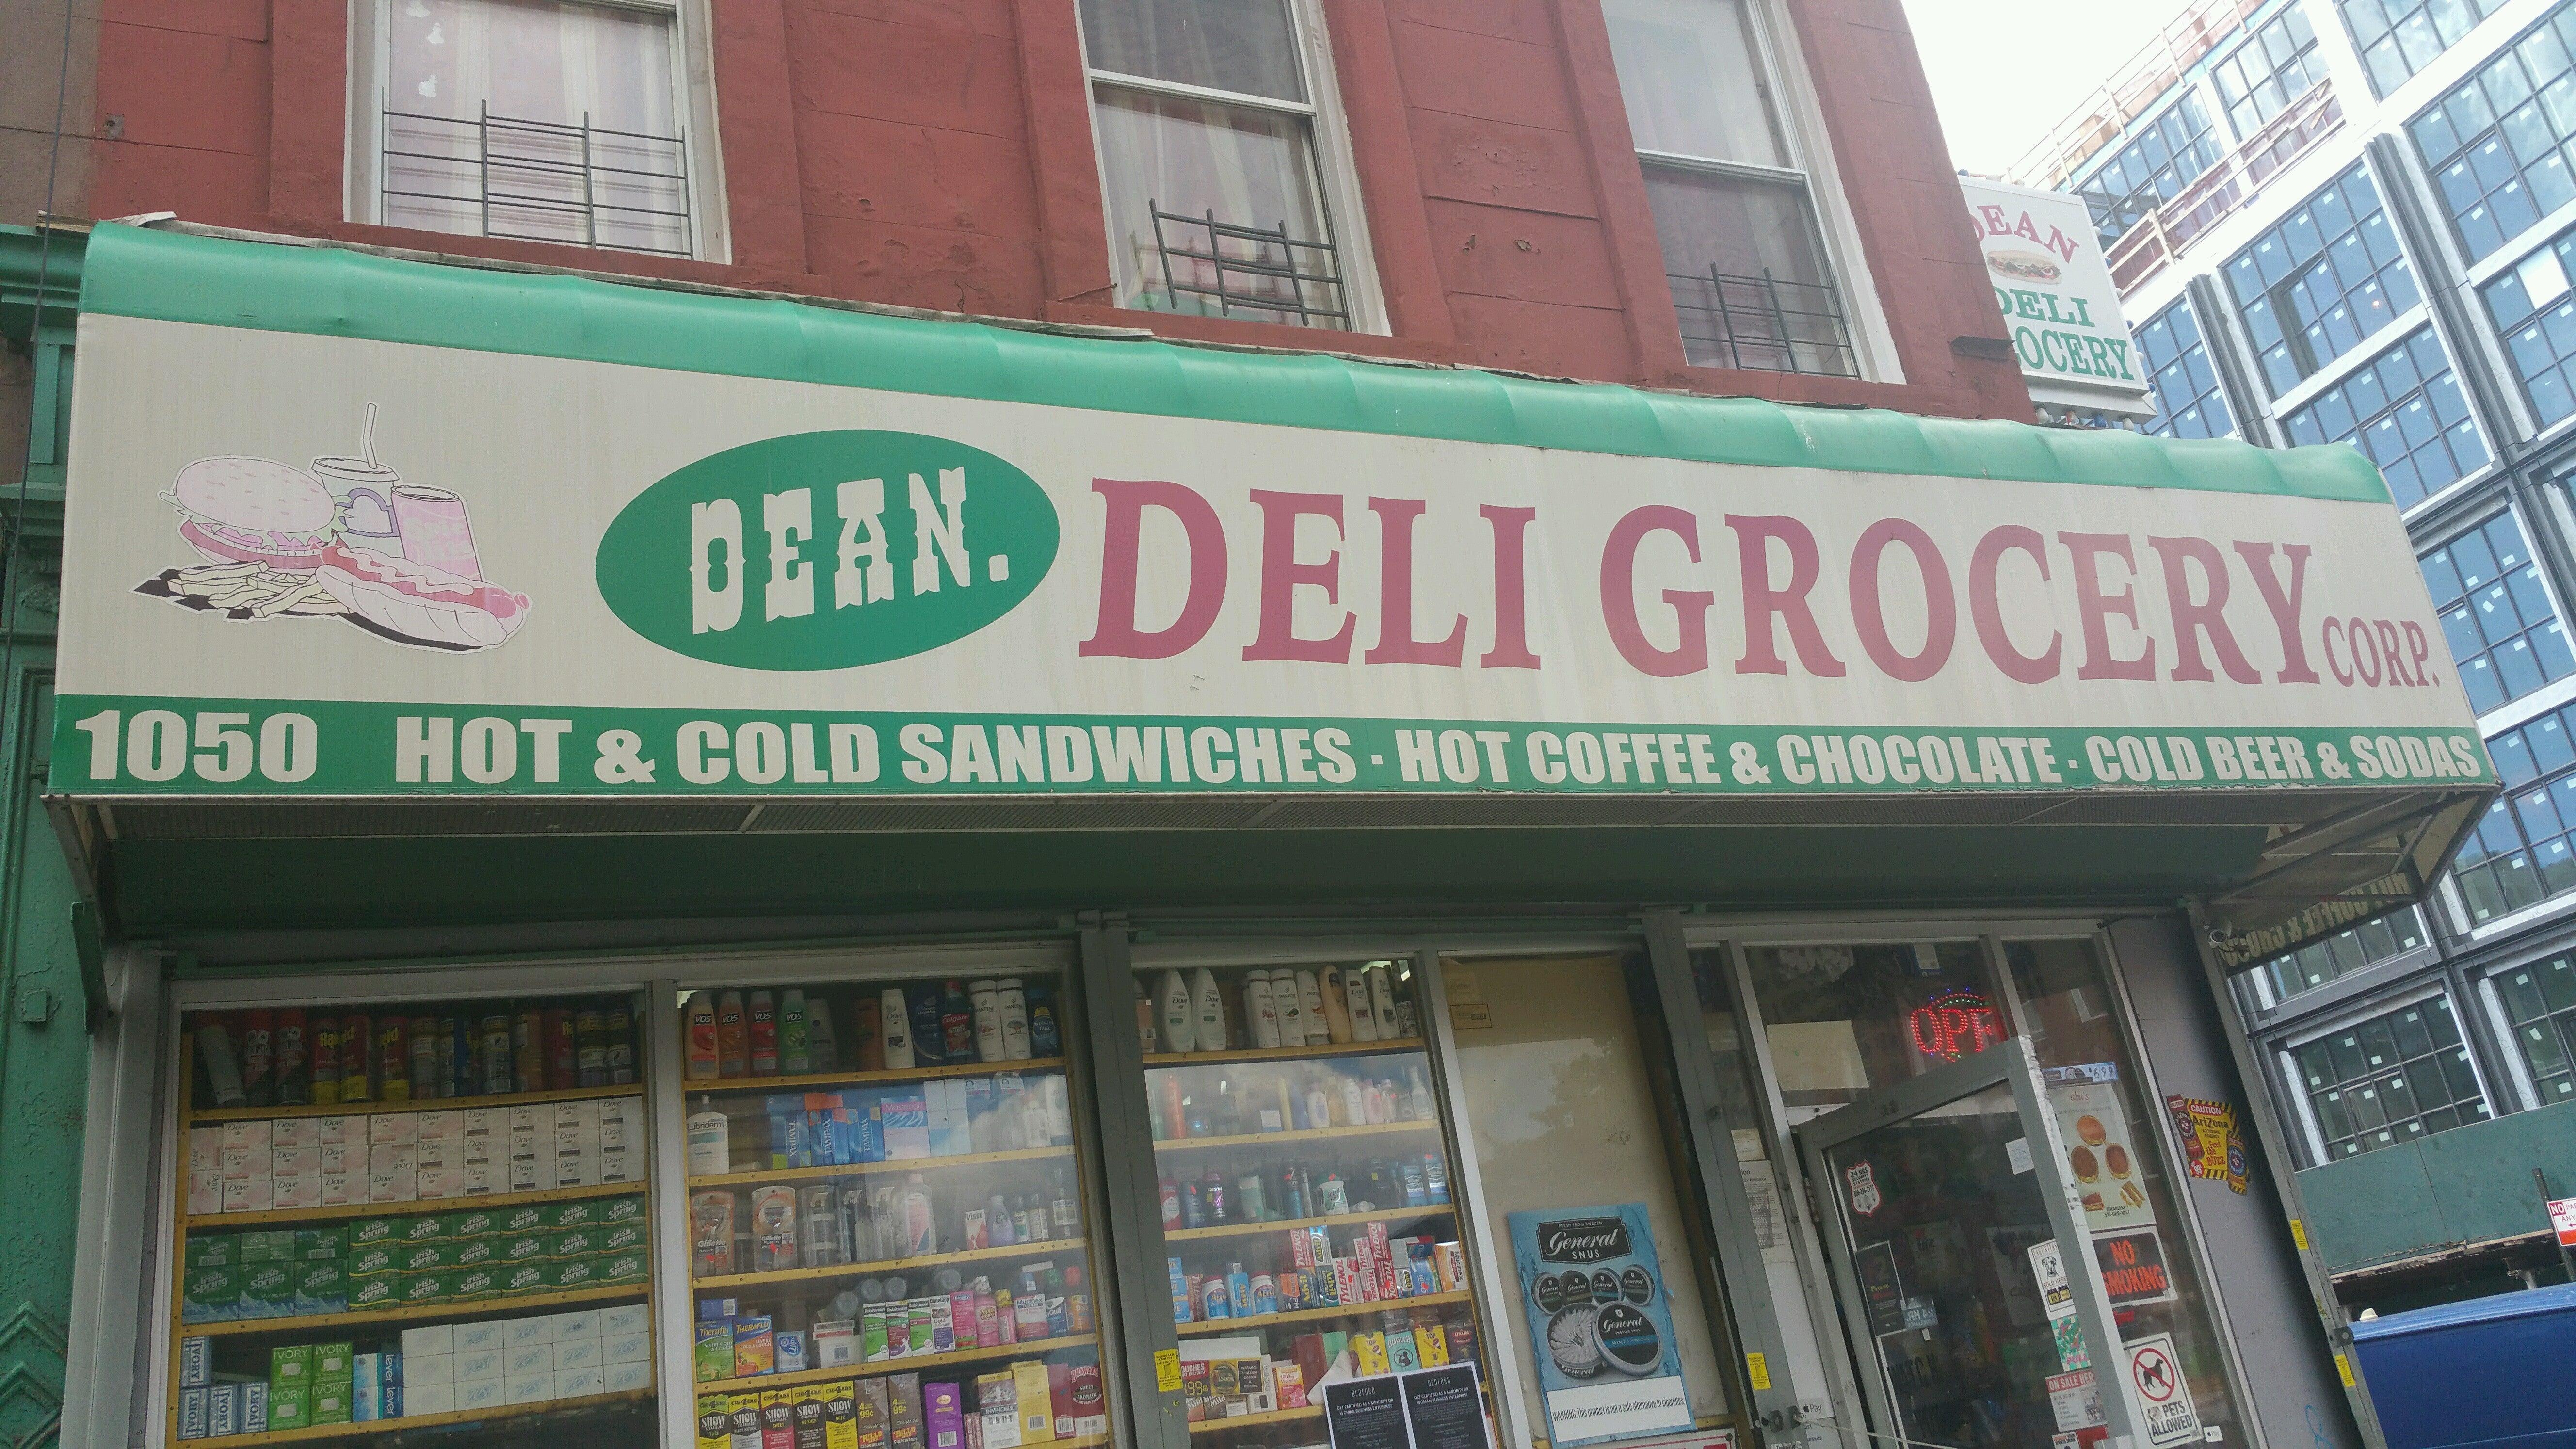 Dean Deli,